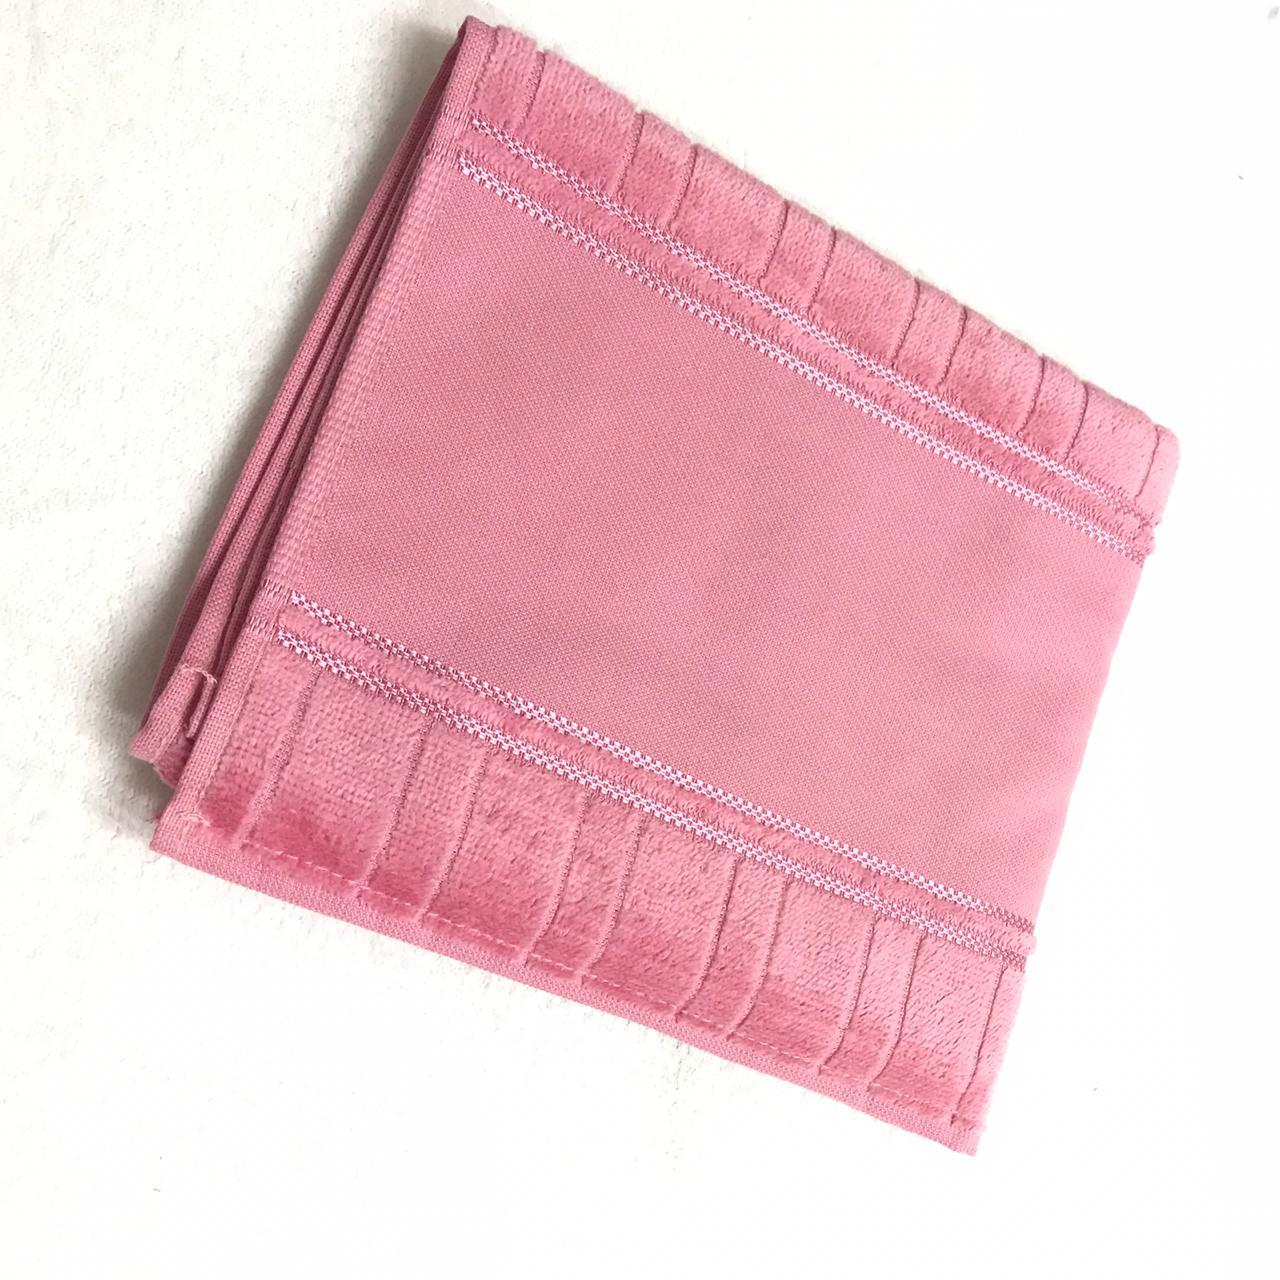 Toalha banho artesanalle rosa